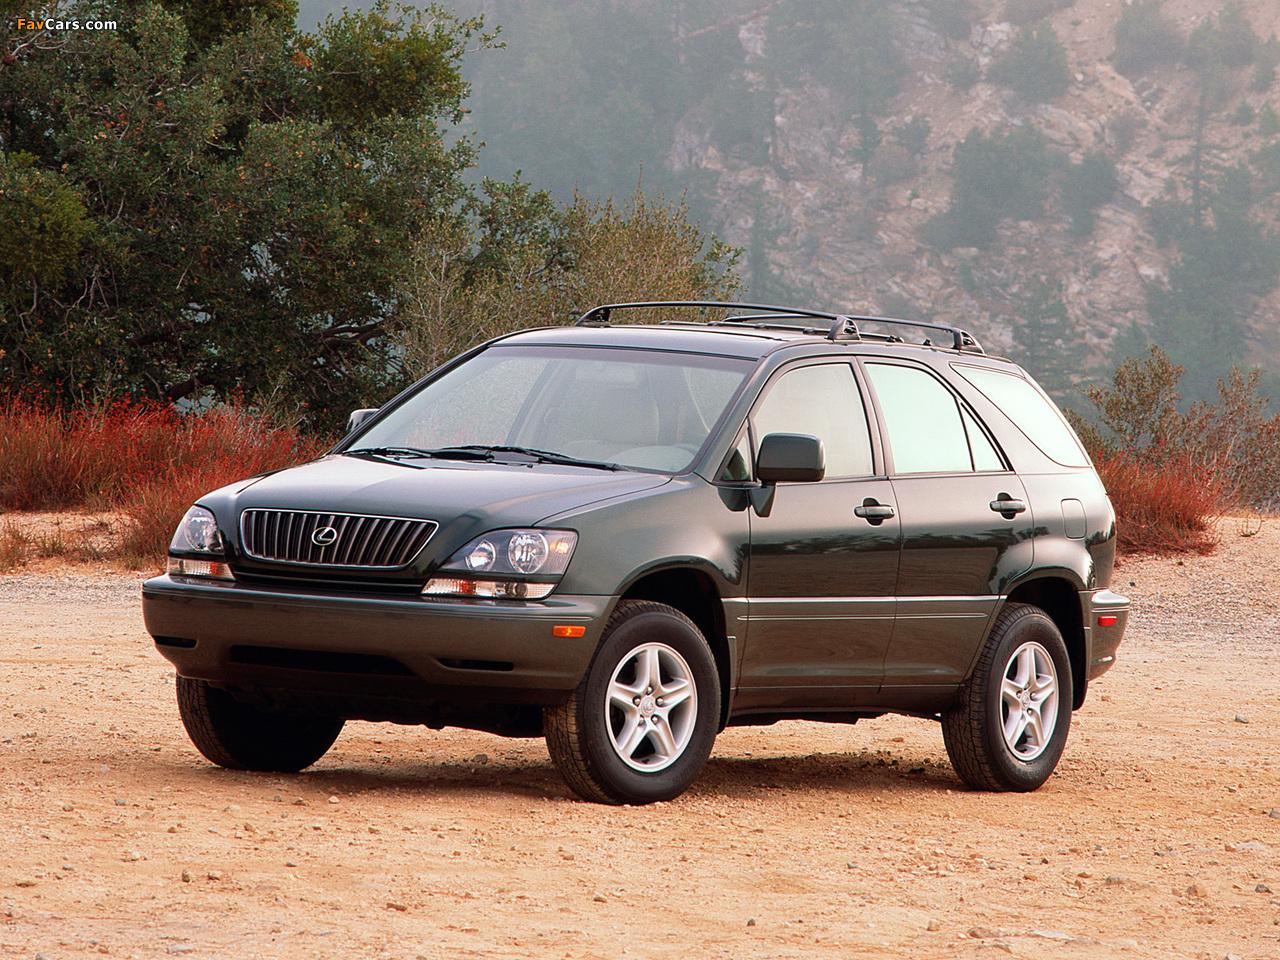 Lexus 2000.Lexus Sport Coupe Concept 2000 Picture 800x600. 2000 ...